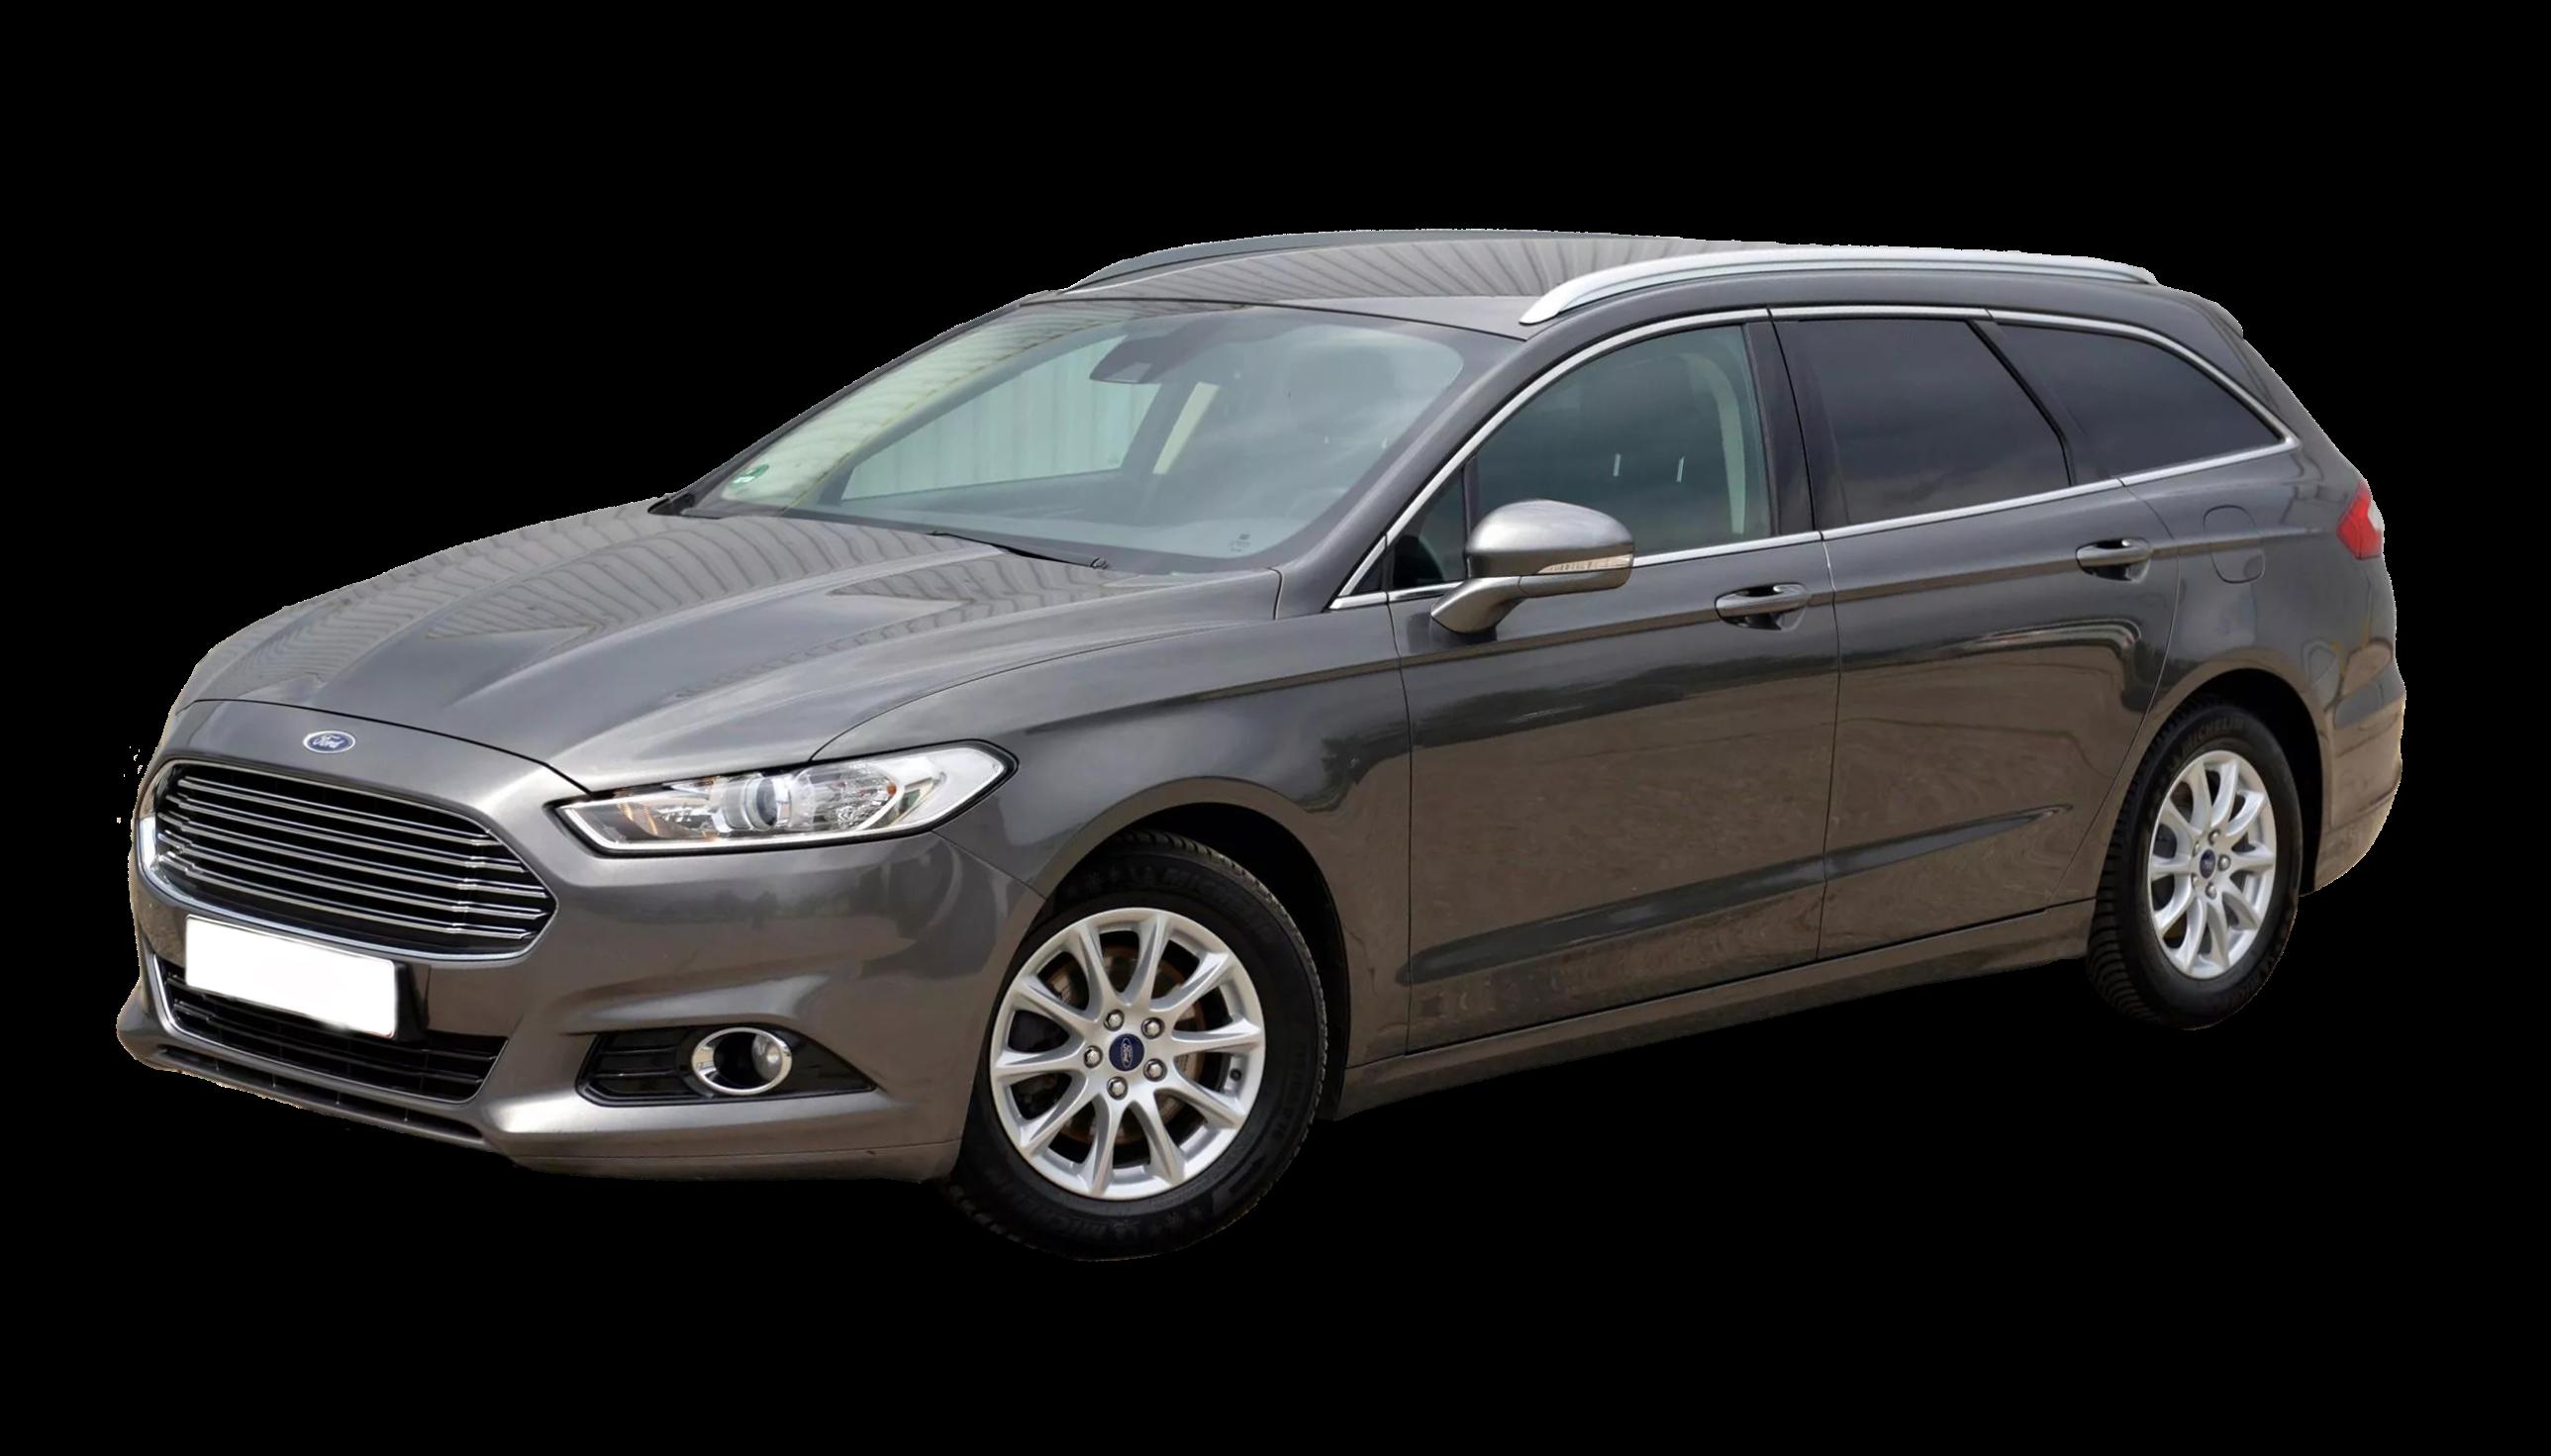 Ford Mondeo - wynajem samochodów śląsk